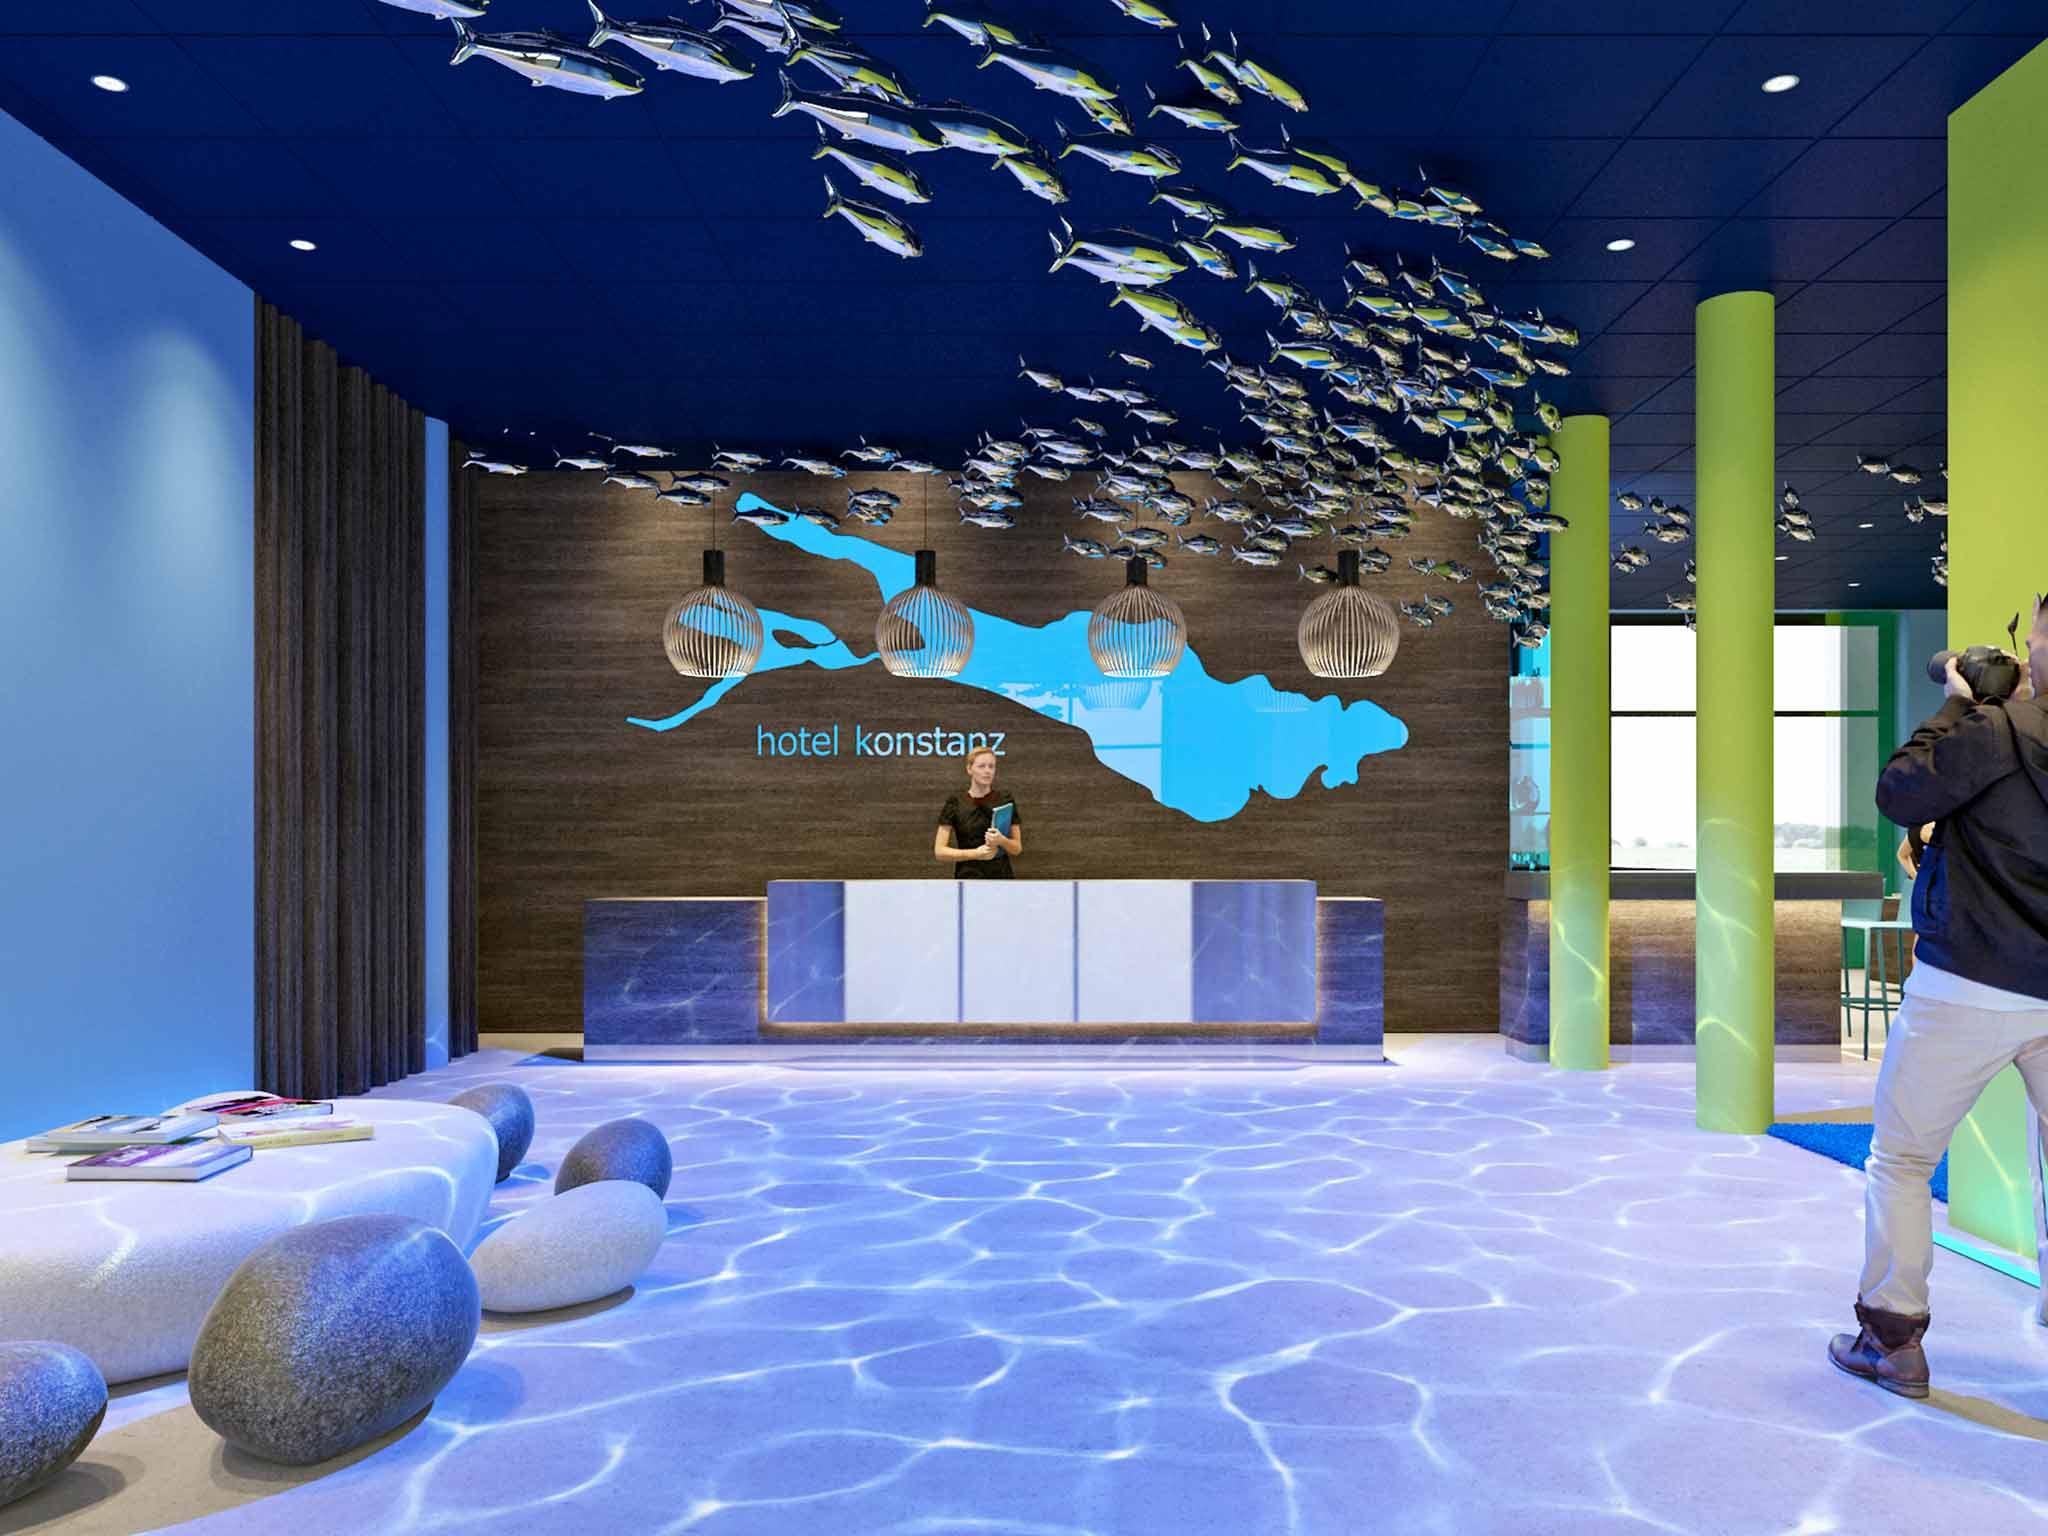 ibis Styles Hotel Konstanz: übernachten am Bodensee